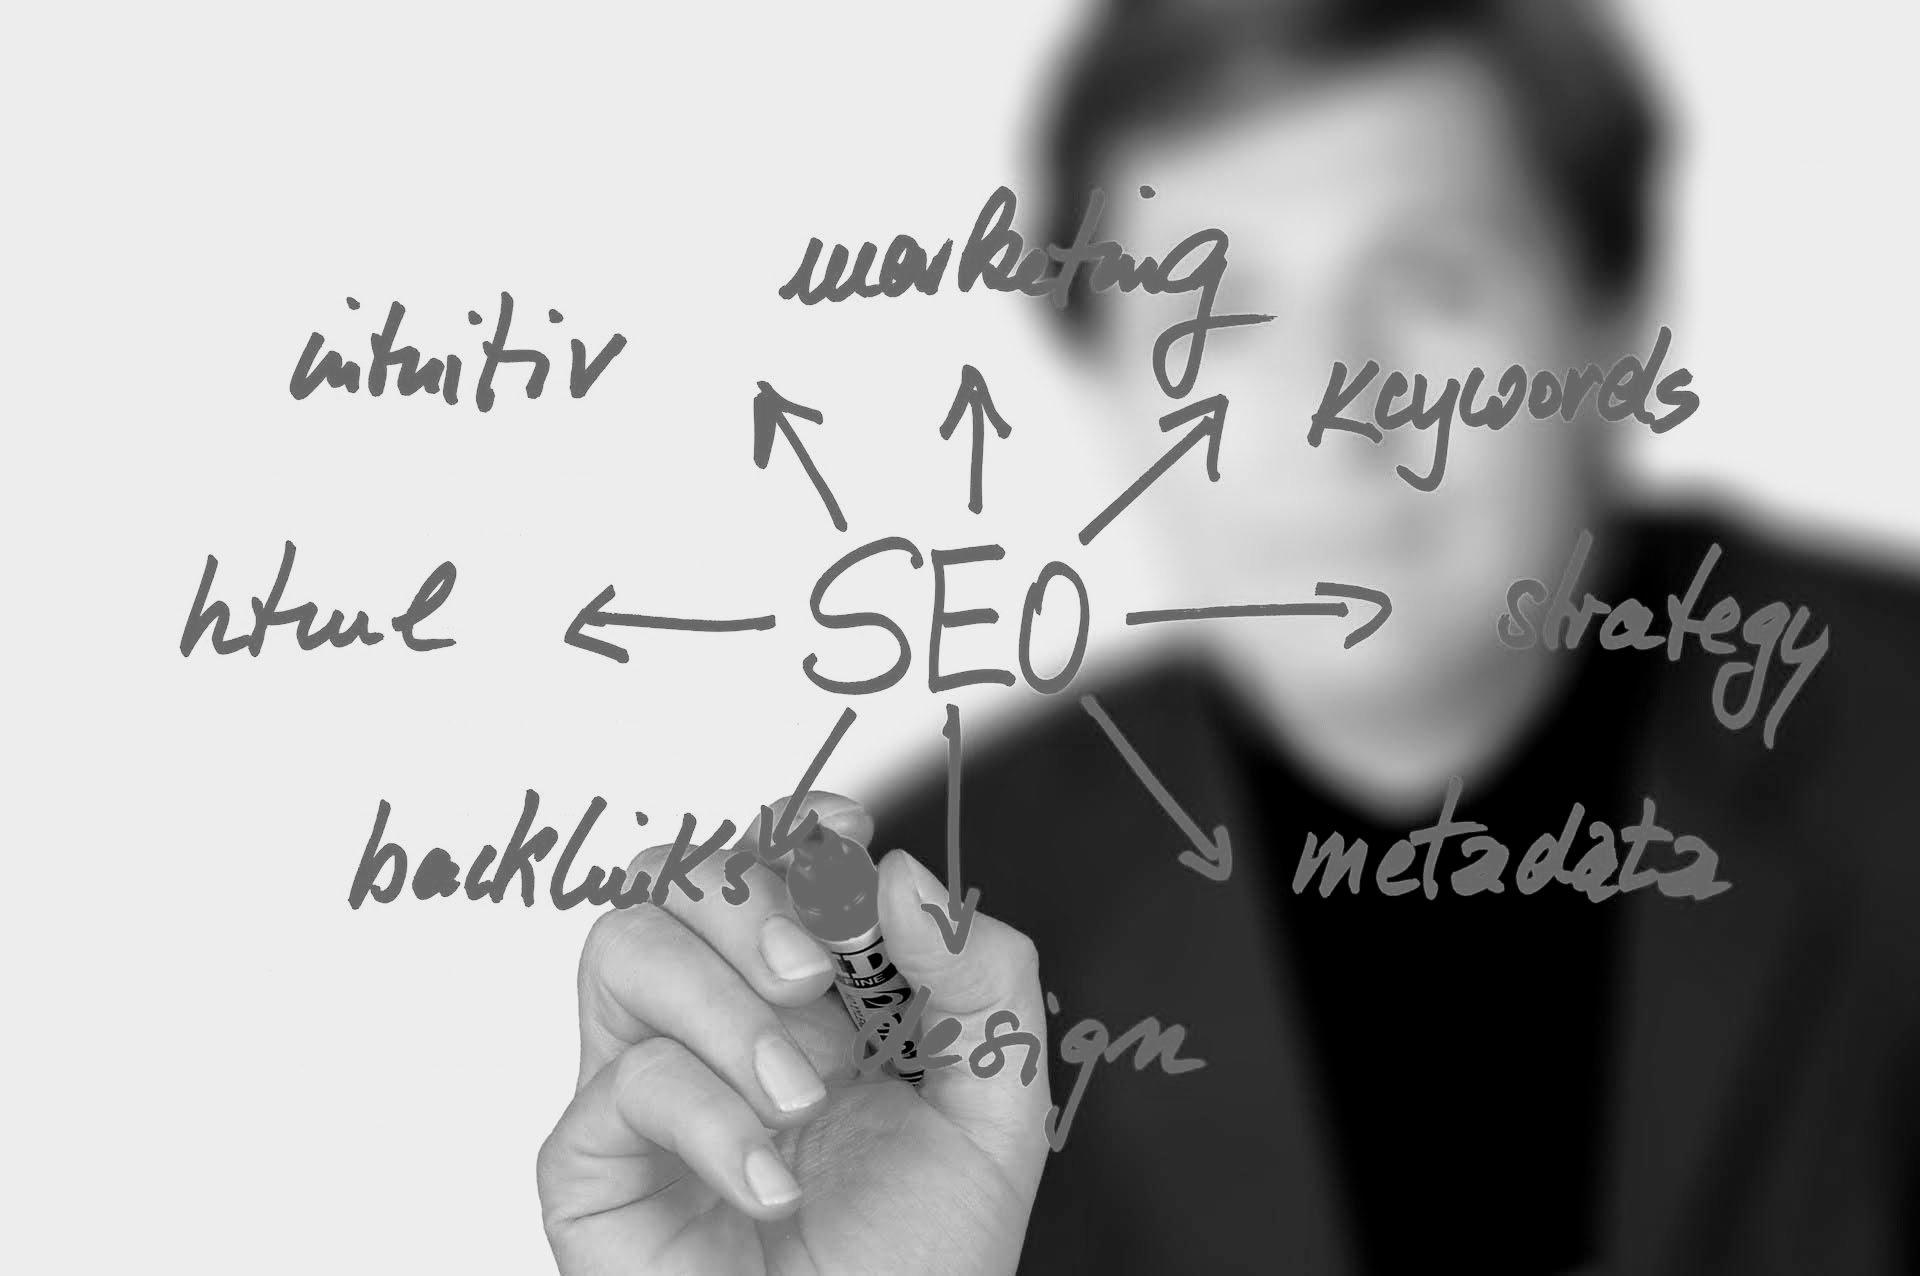 search engine optimization bautisit wasilla